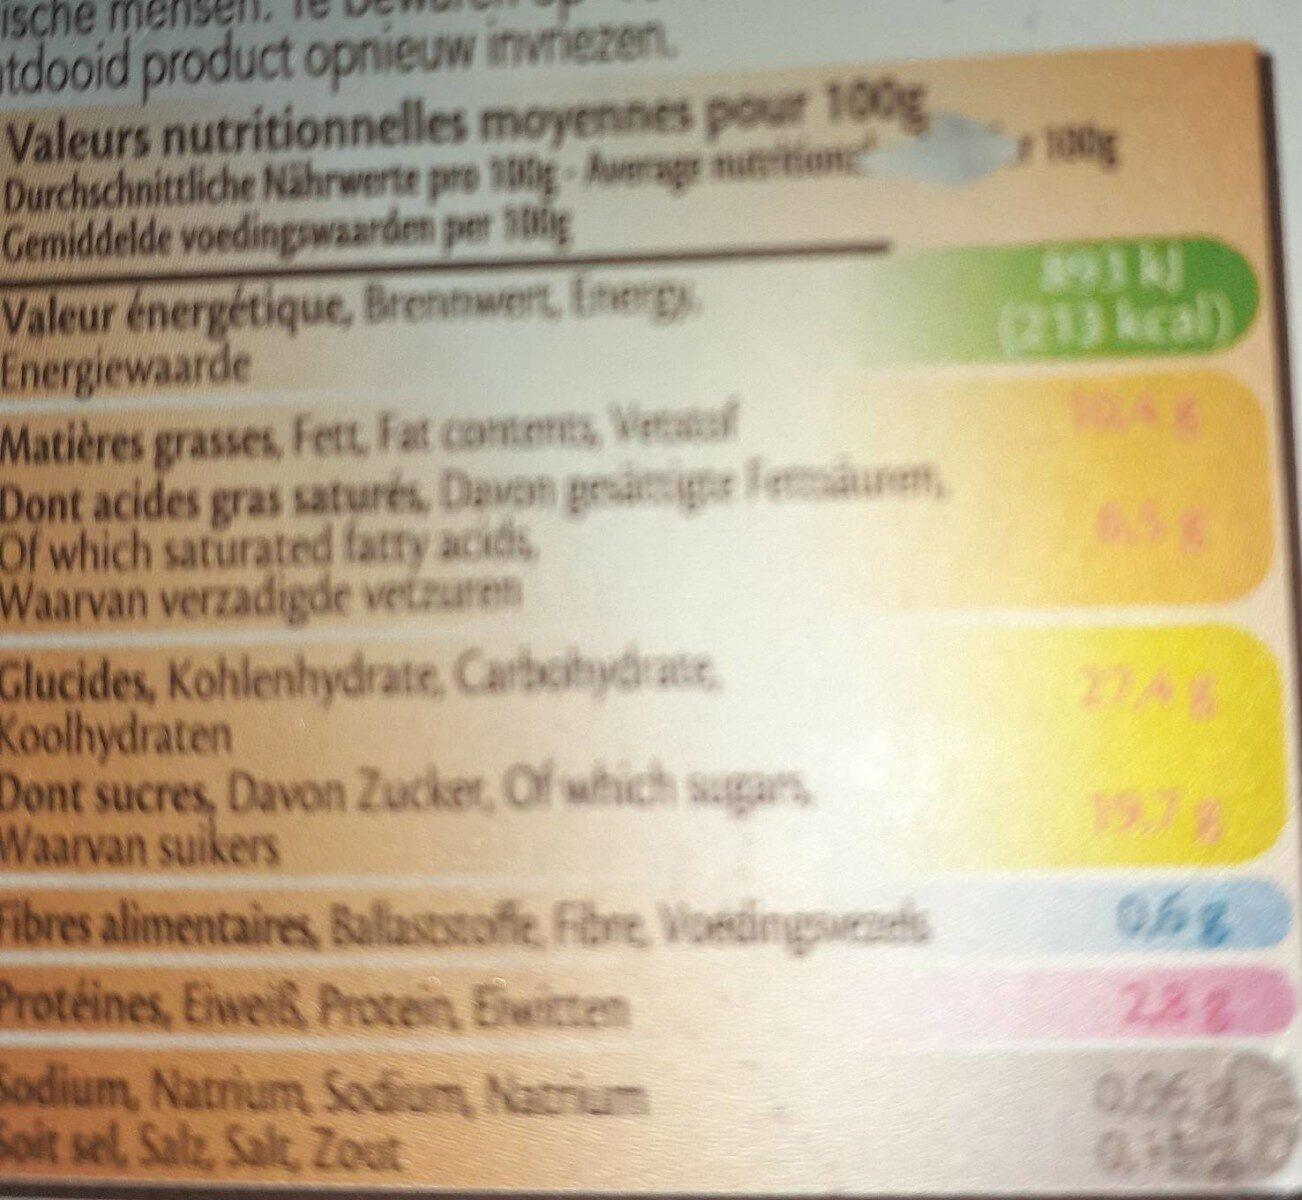 Creme glacée marron de l ardheche - Informations nutritionnelles - fr